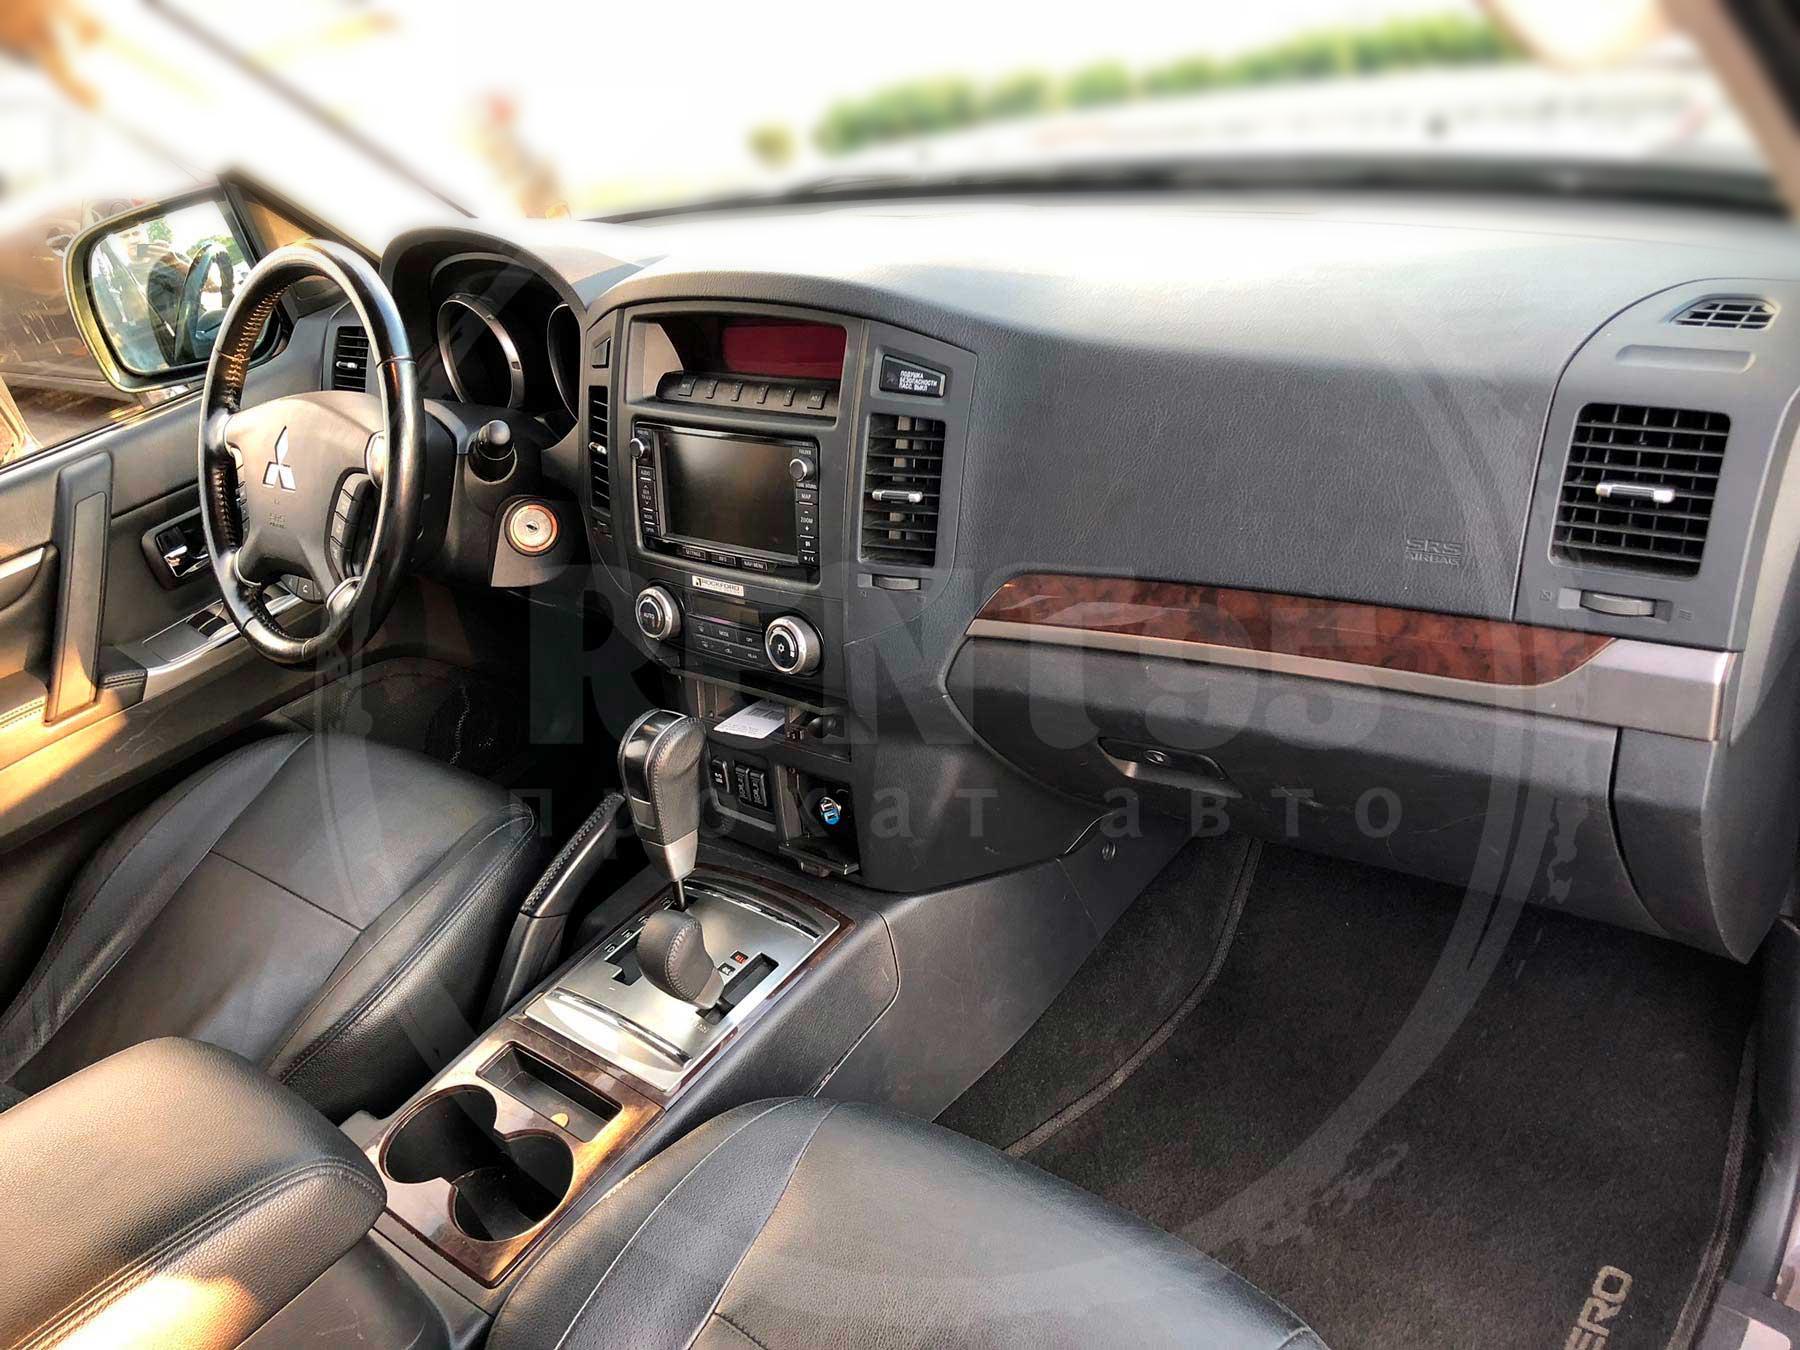 Rent Mitsubishi Pajero Wagon 2014